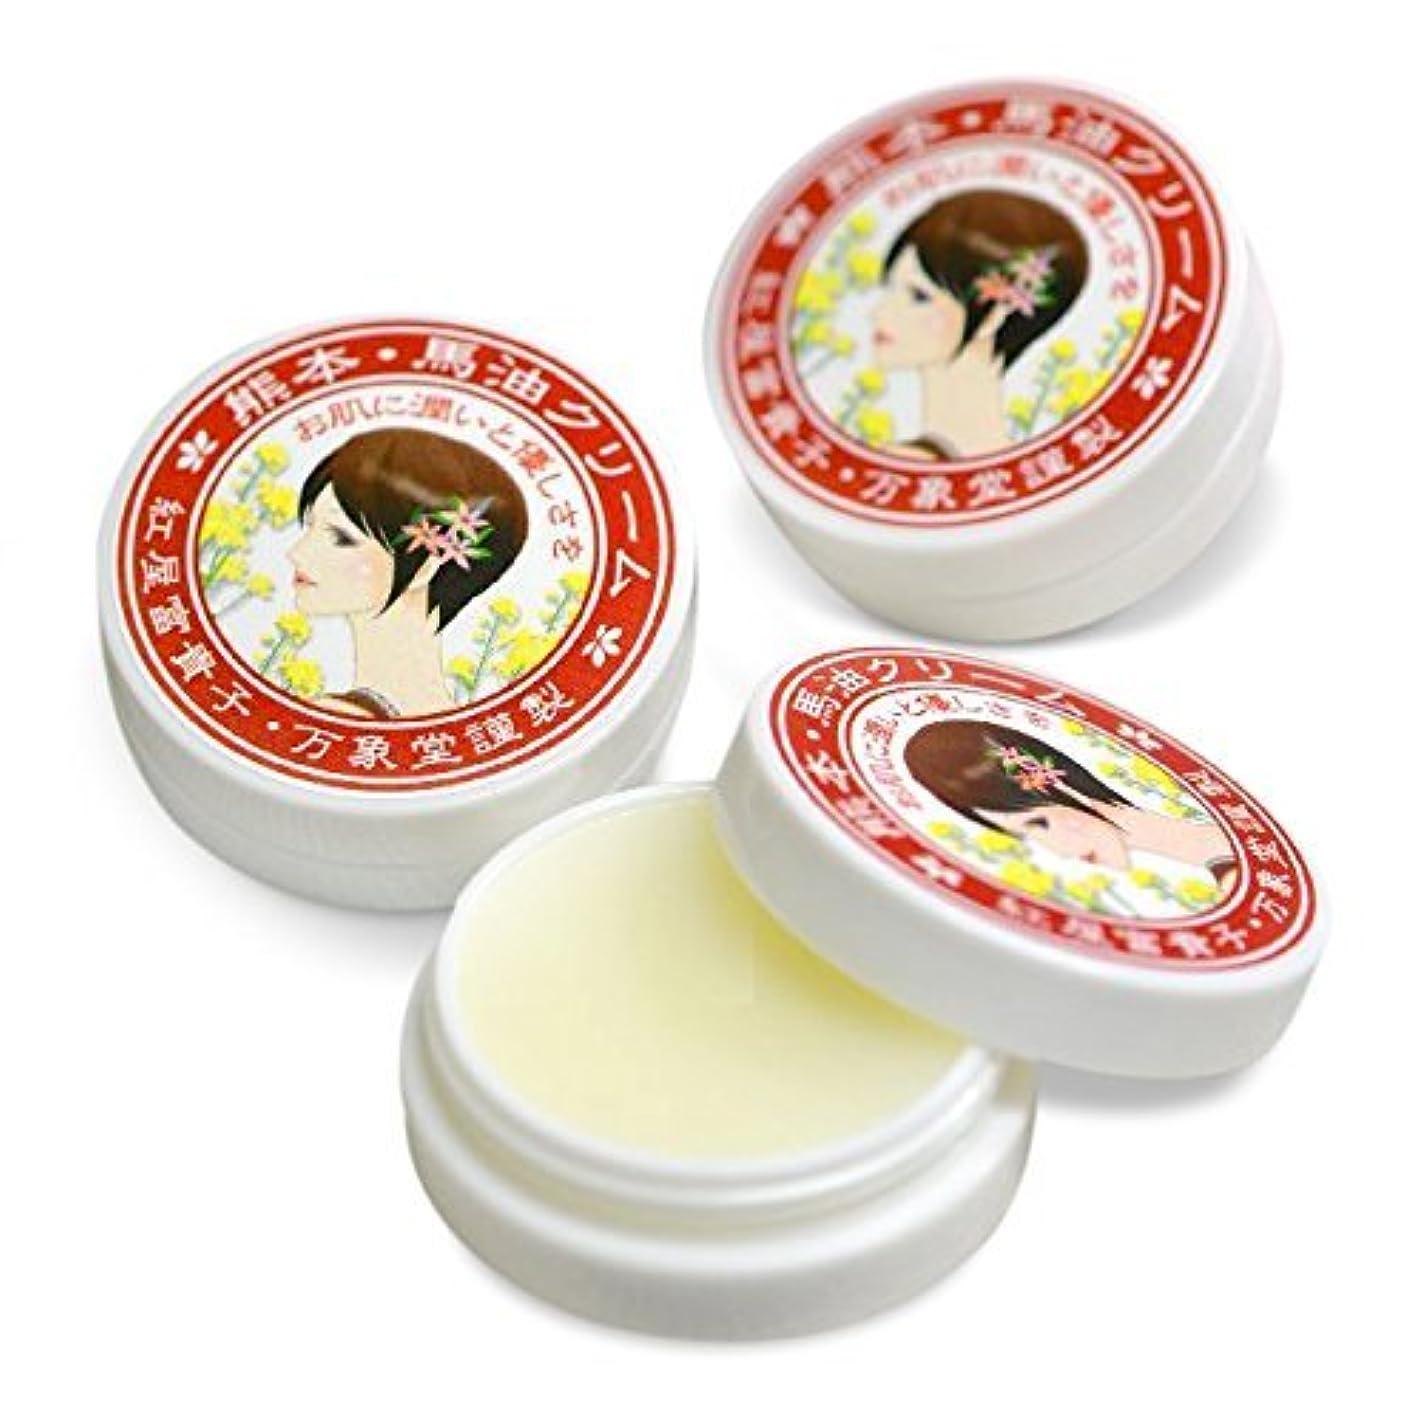 魅了する下線考える森羅万象堂 馬油クリーム 10g×3個 (ラベンダーの香り)精油 アロマ 国産 保湿 スキンクリーム